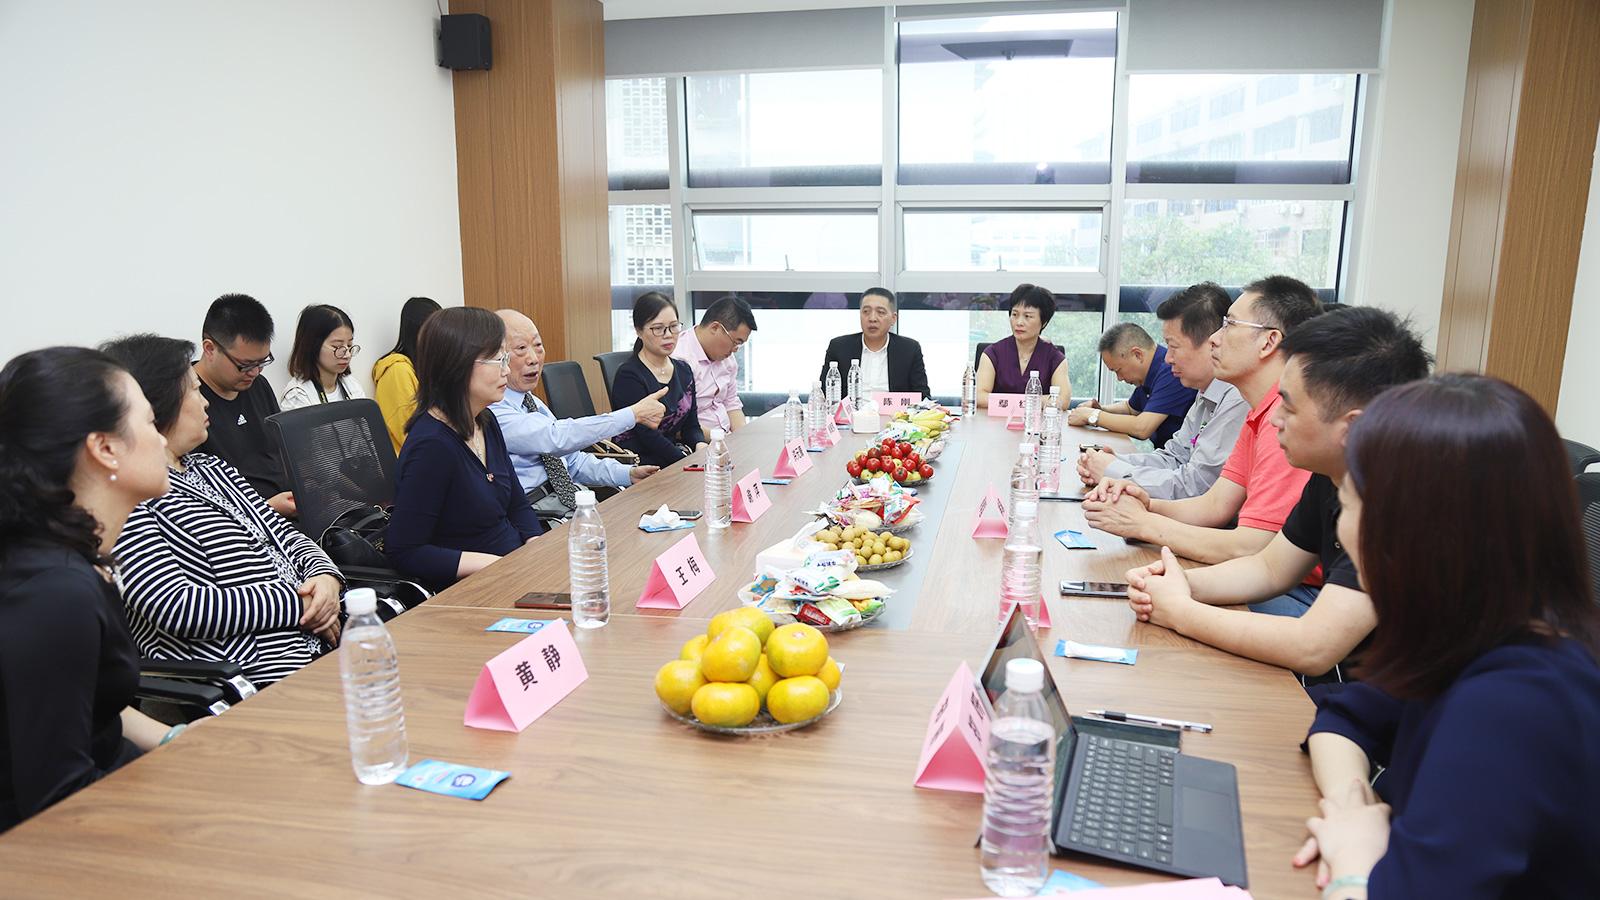 北京、四川专家共研中医药继承创新·协同发展